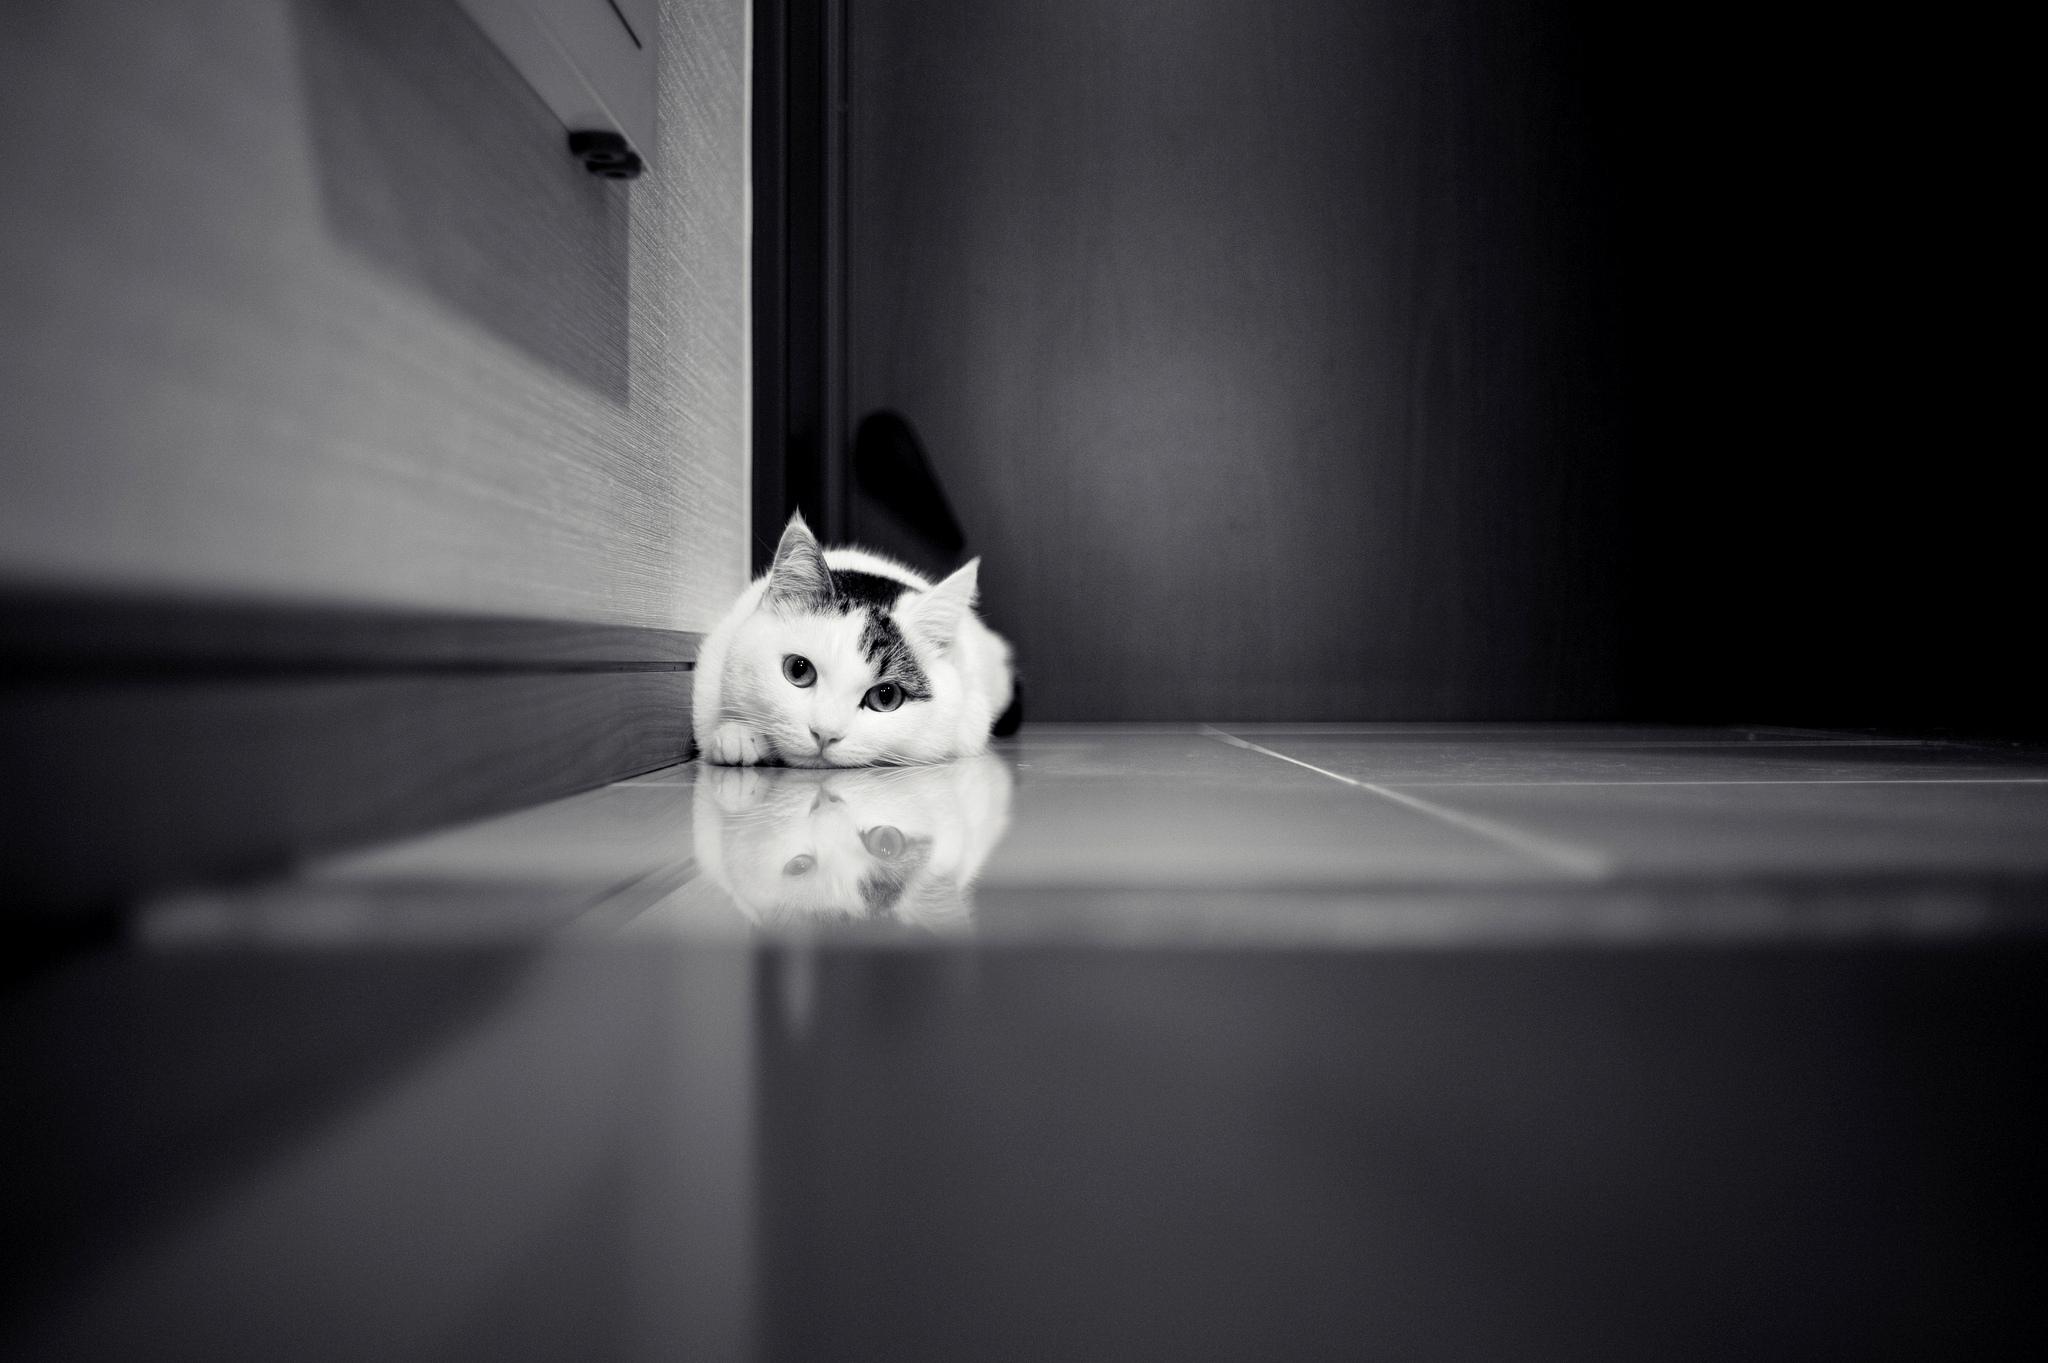 cat baby wallpaper